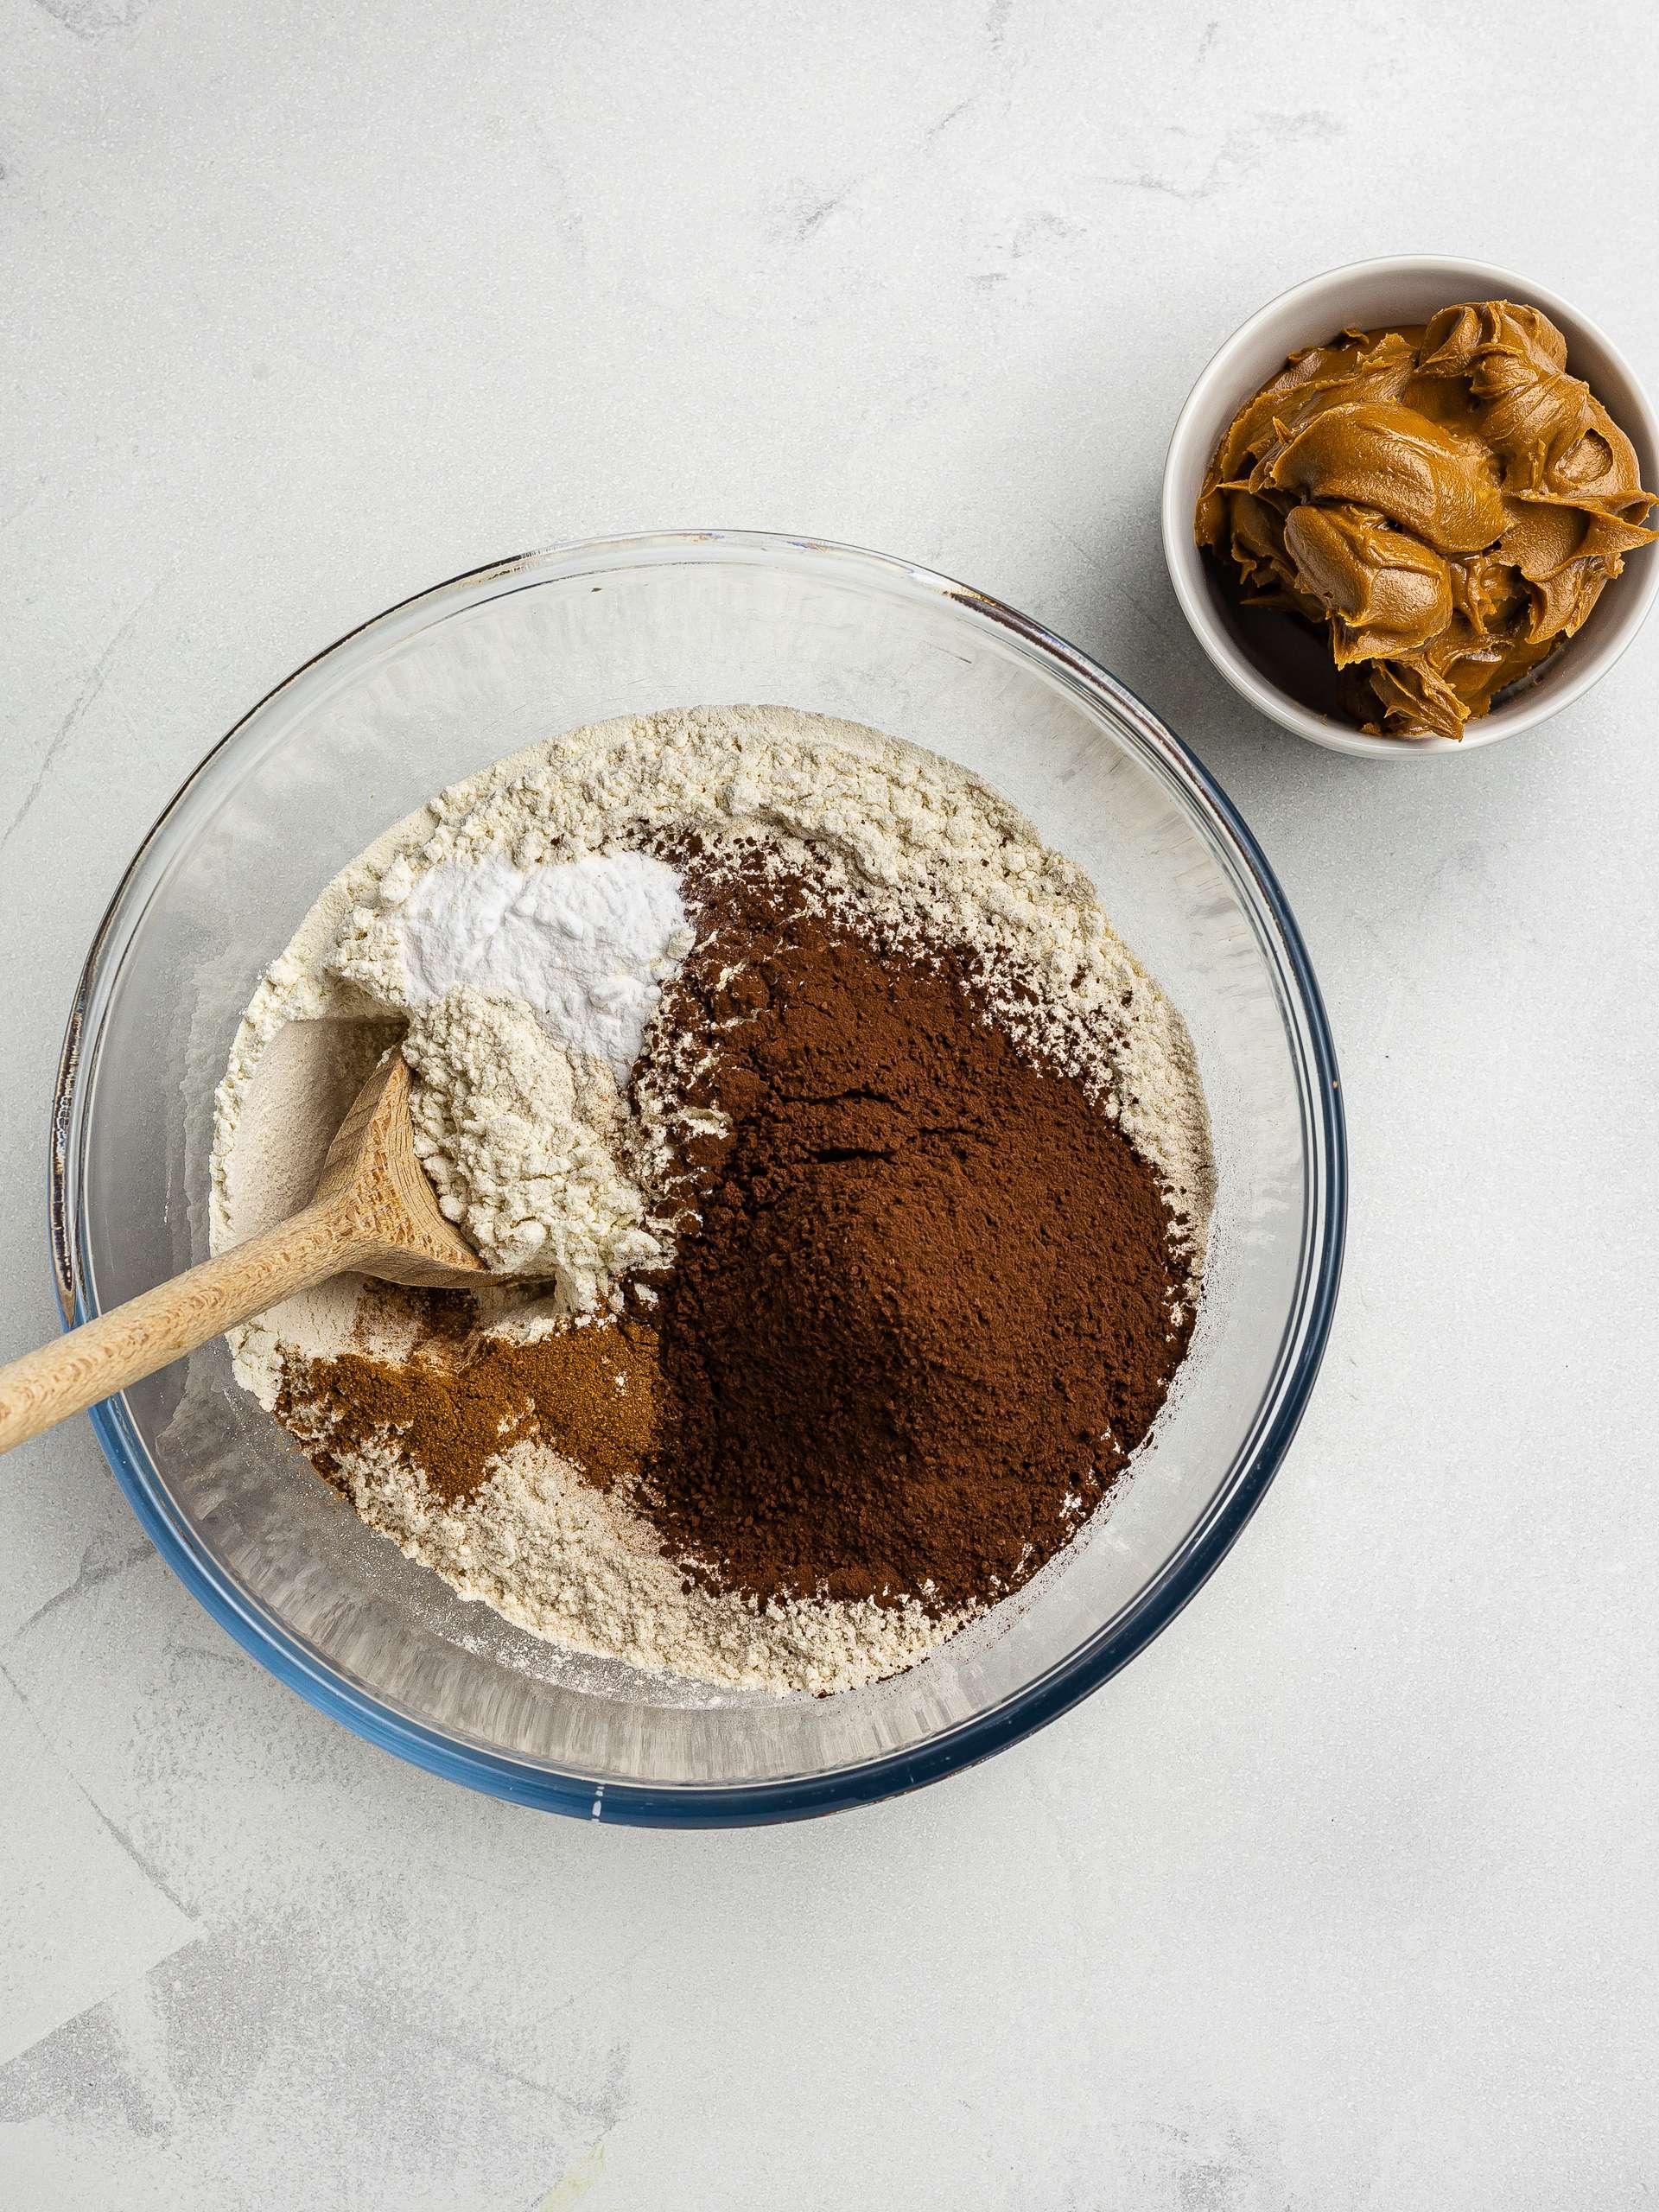 vegan biscoff cake ingredients in a bowl